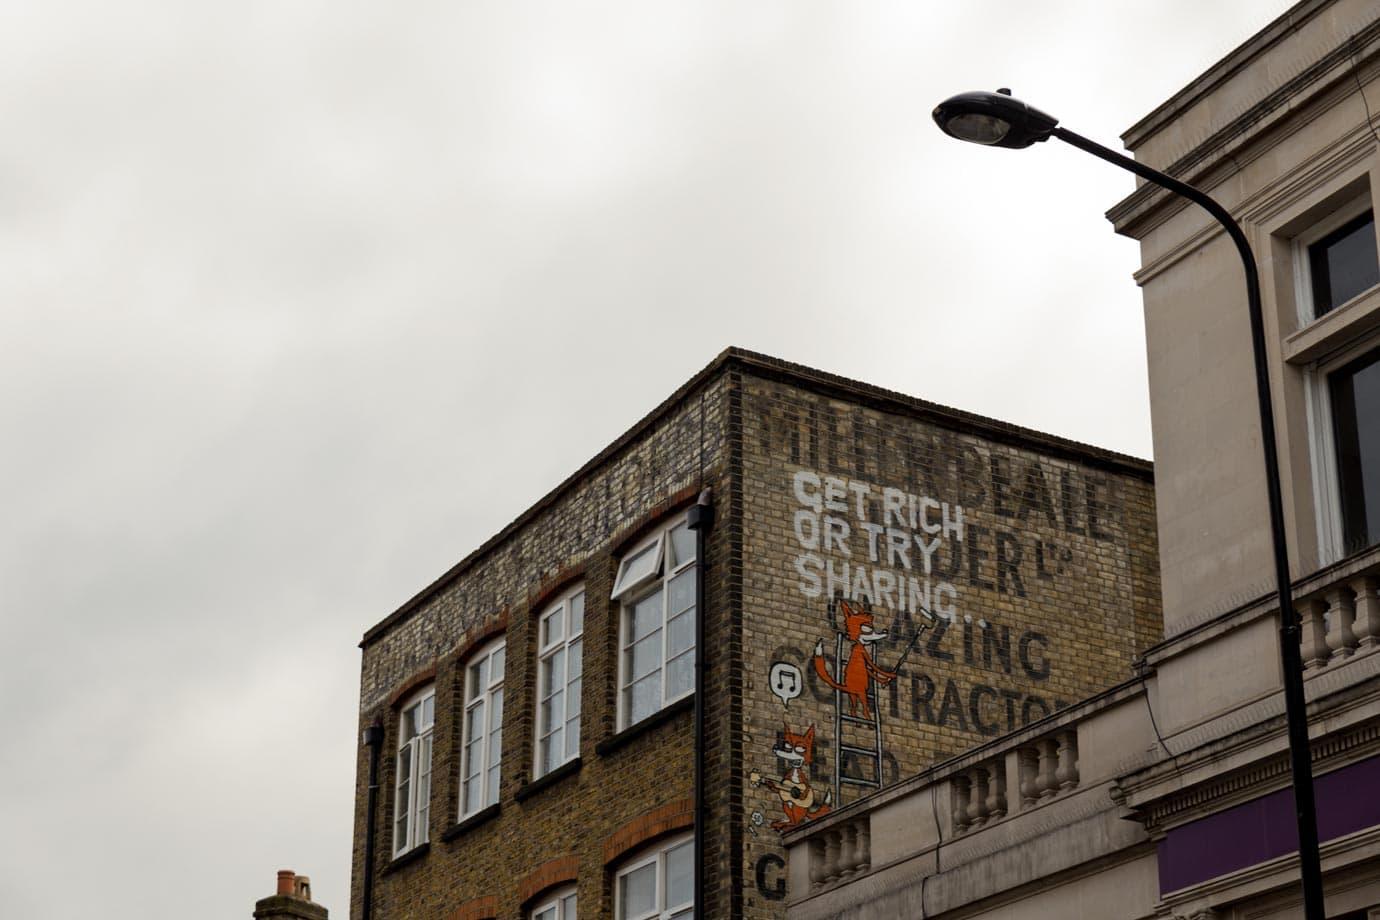 street art camden london